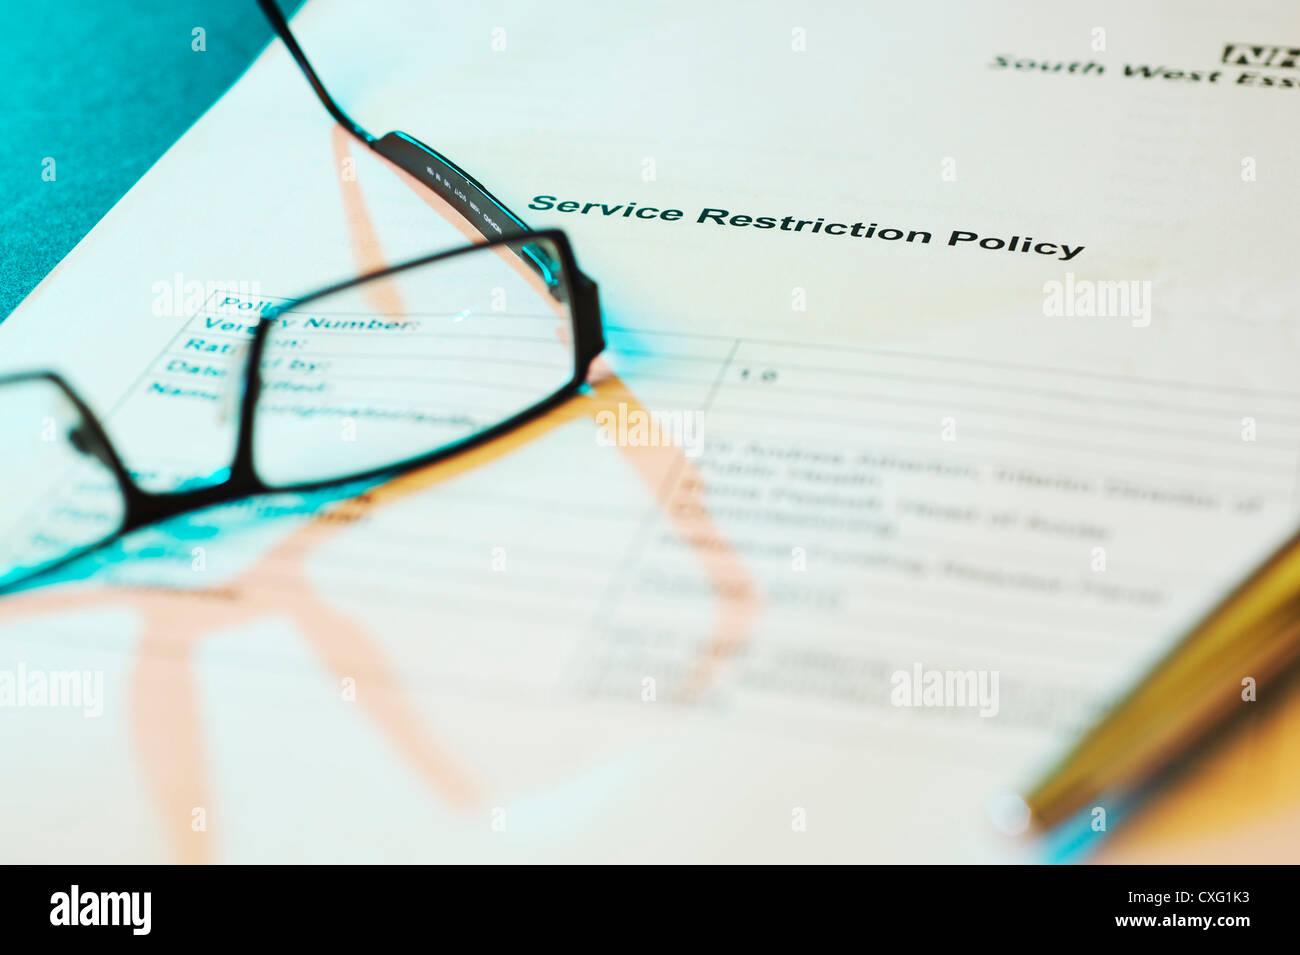 Verres GP sur un document de politique de restriction service NHS avec éclairage d'ambiance et un stylo Photo Stock